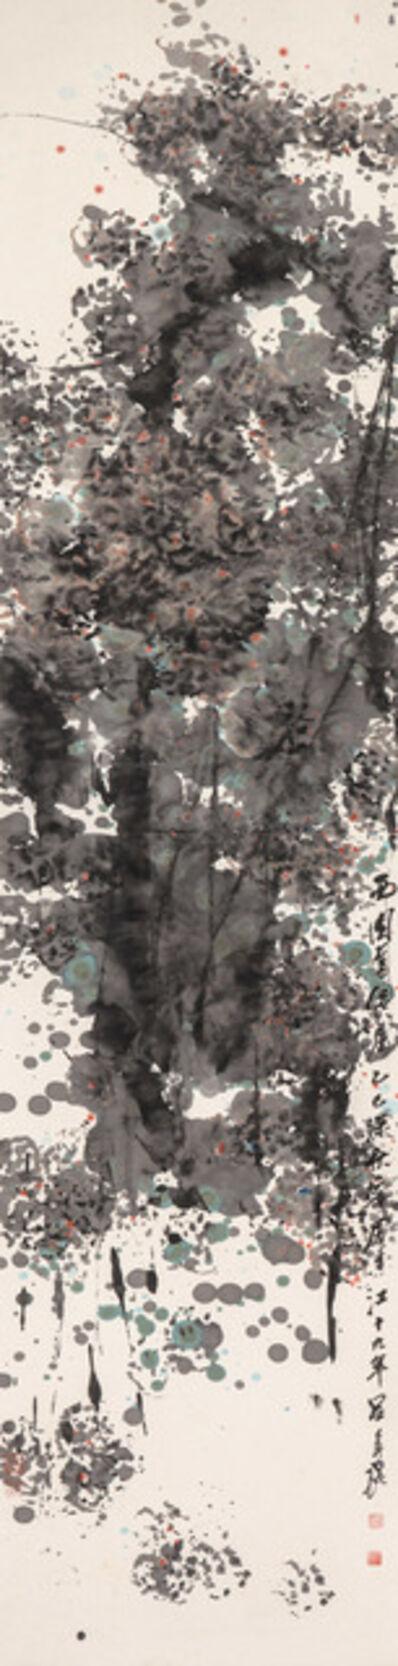 Lui Shou Kwan 呂壽琨, 'Experiments', 1965